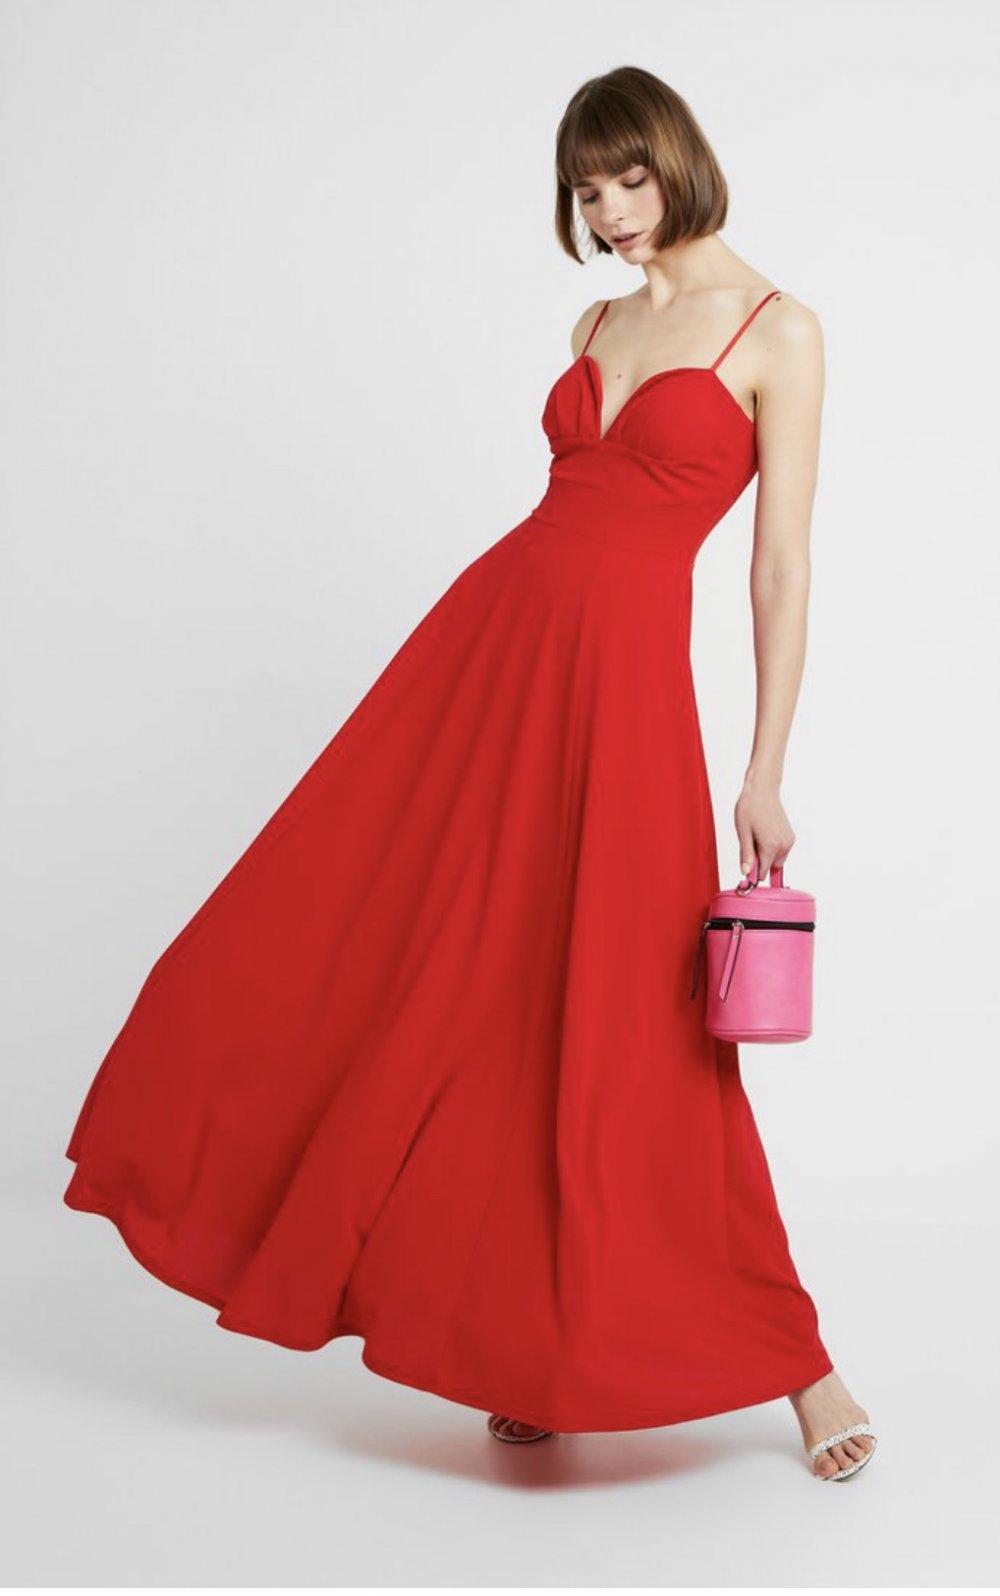 Rotes Abendkleid/Ballkleid